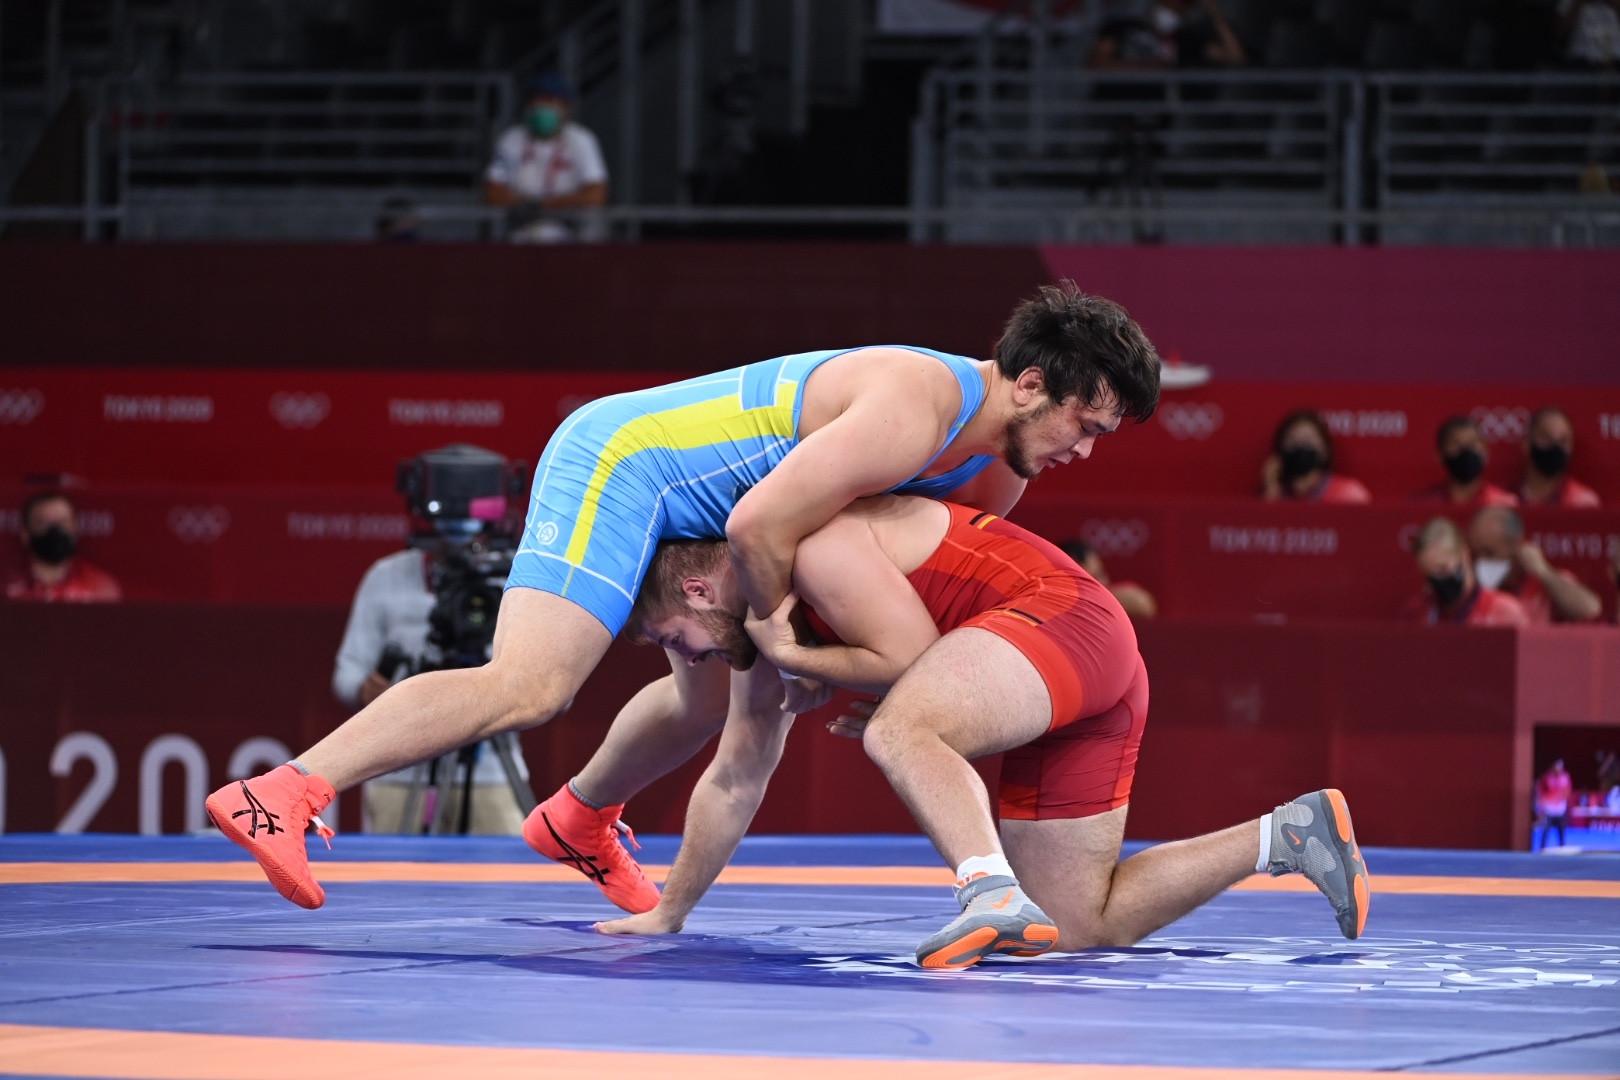 Вольная борьба на Олимпийских играх: как выступил казахстанец